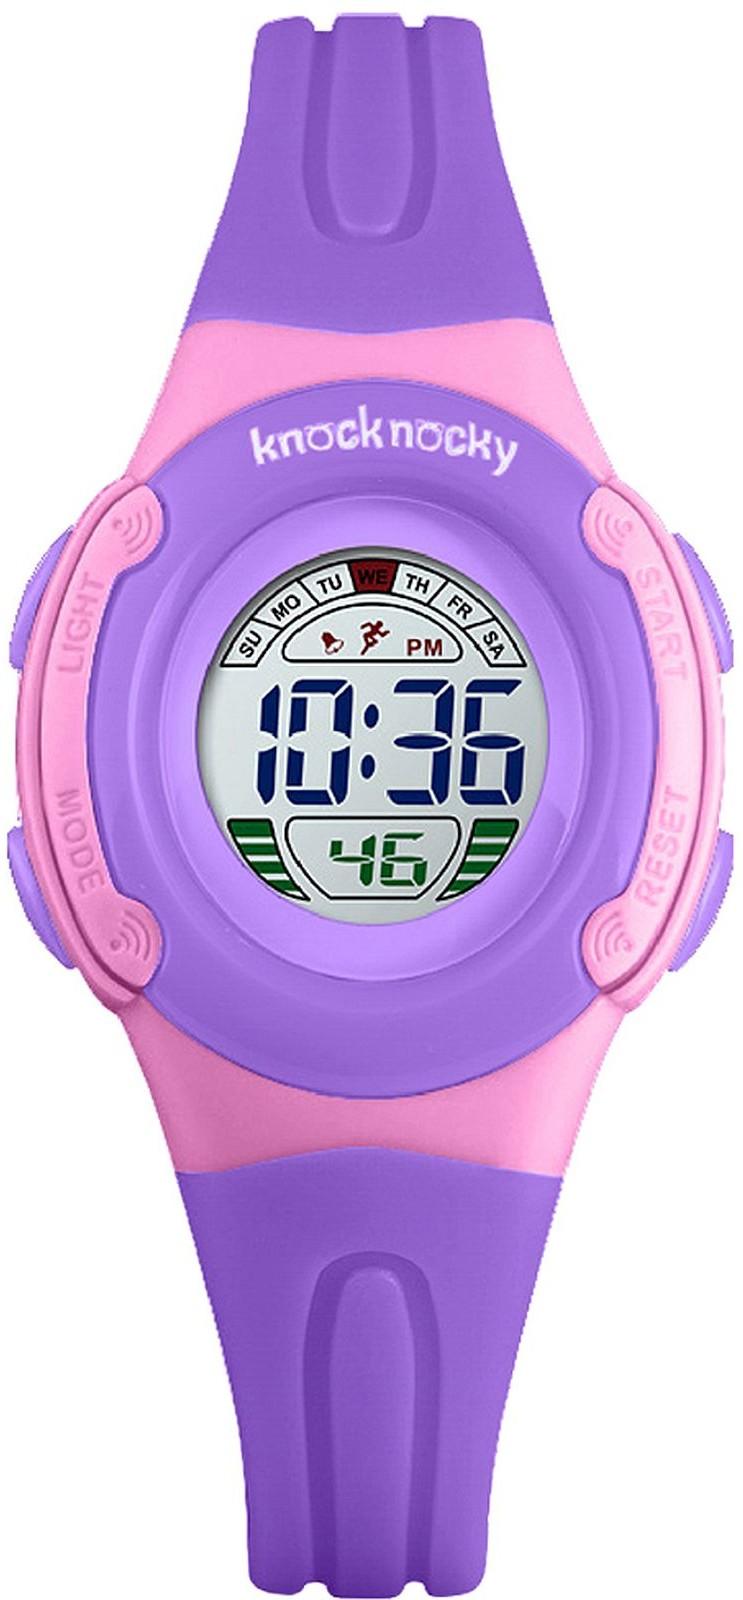 KNOCK NOCKY SR0506056